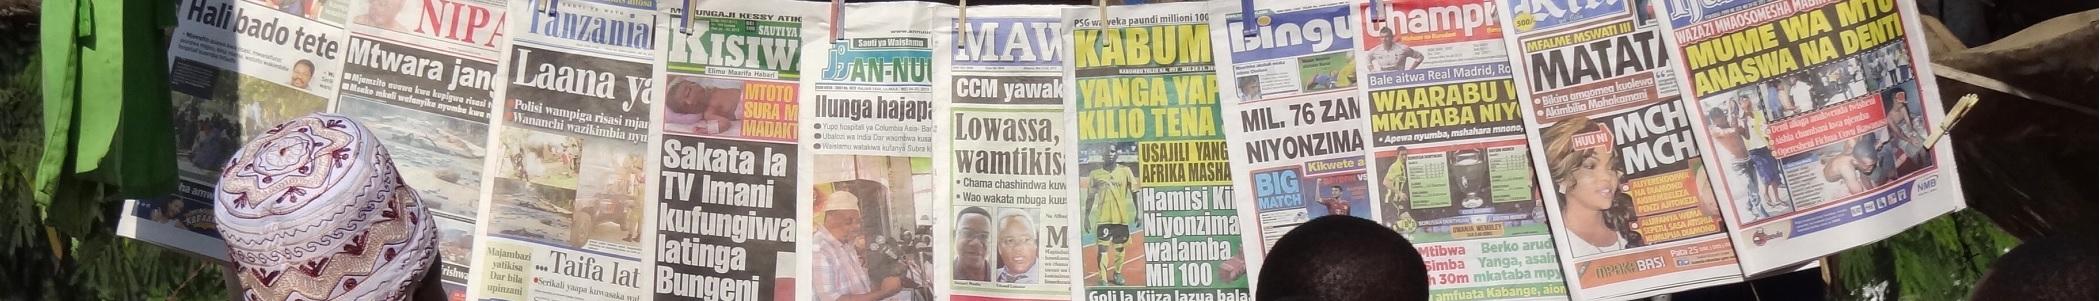 Guide Linguistique Swahili Wikivoyage Le Guide De Voyage